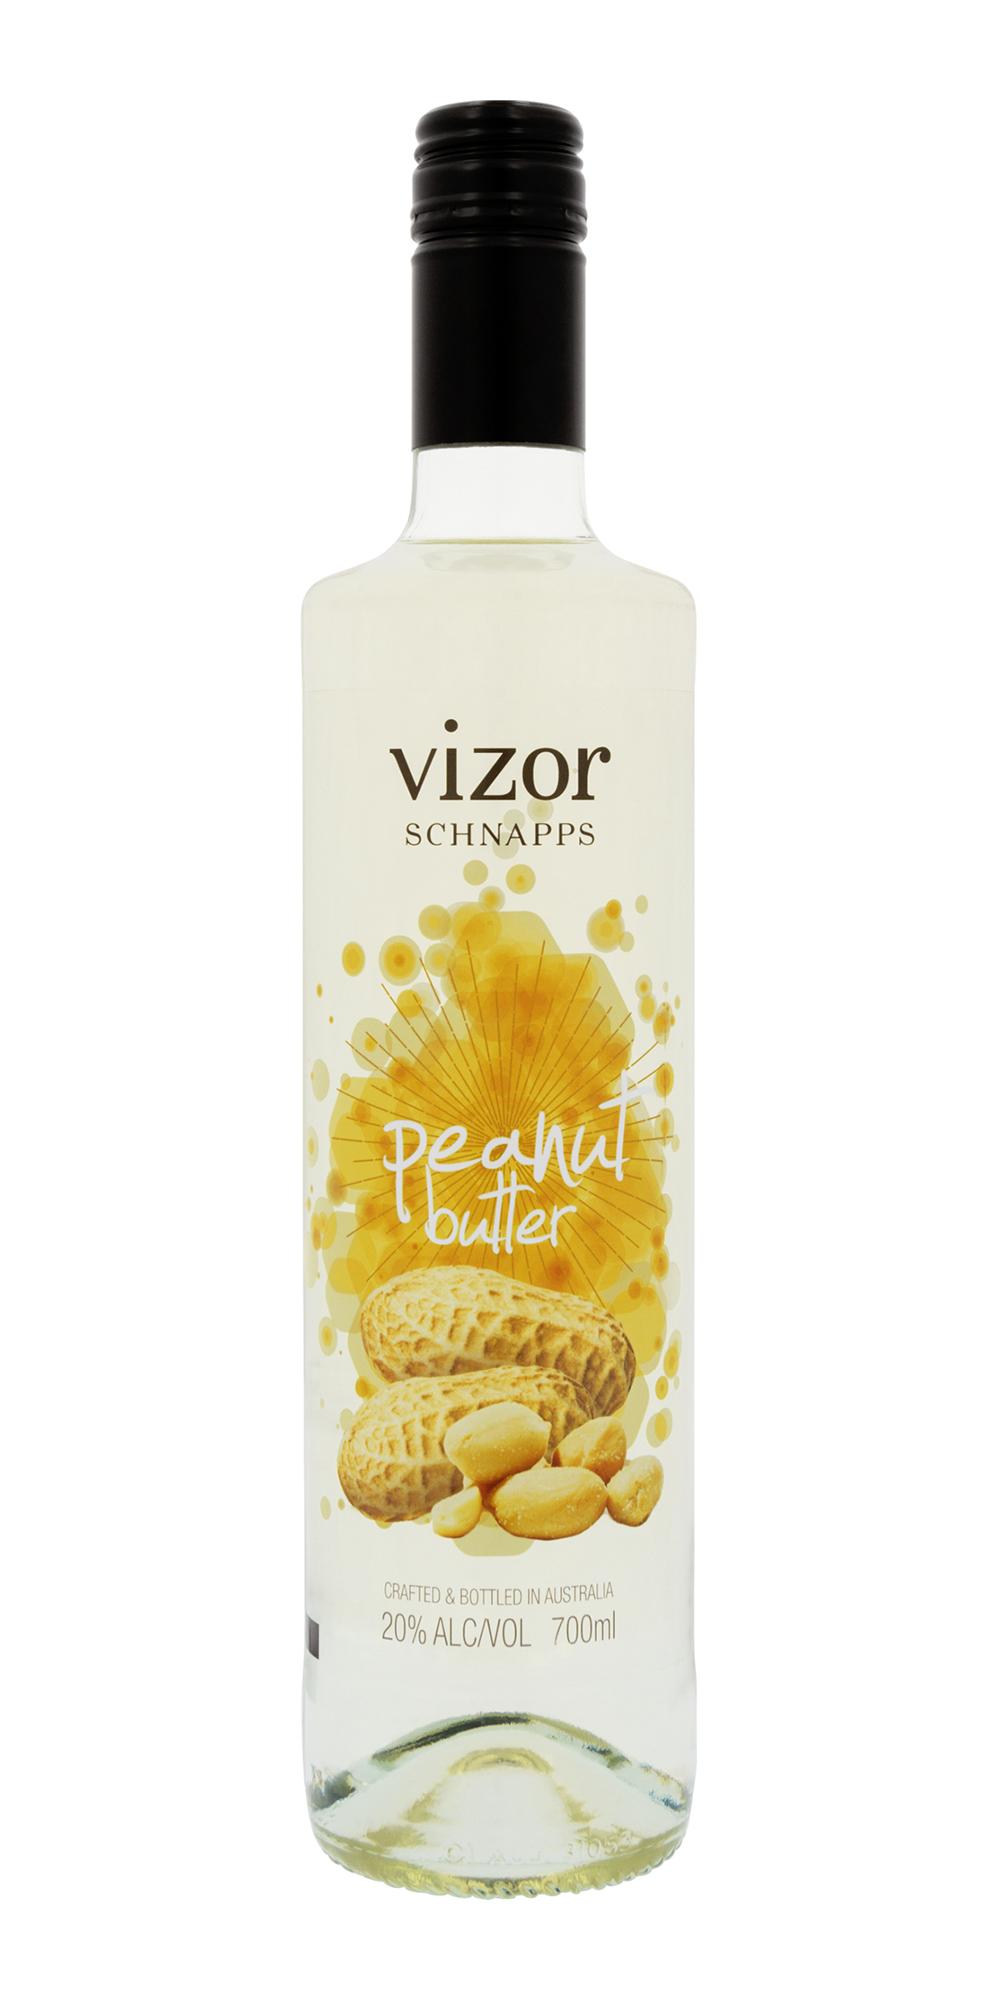 Vizor Peanut Butter Schnapps